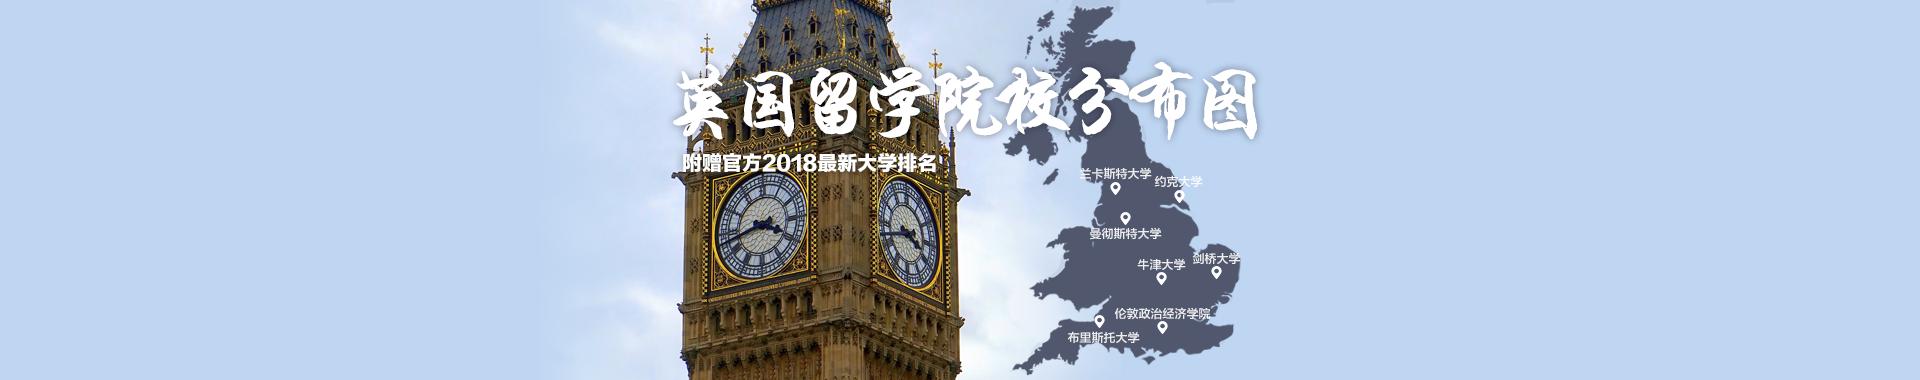 2018年TIMES英国大学综合排名